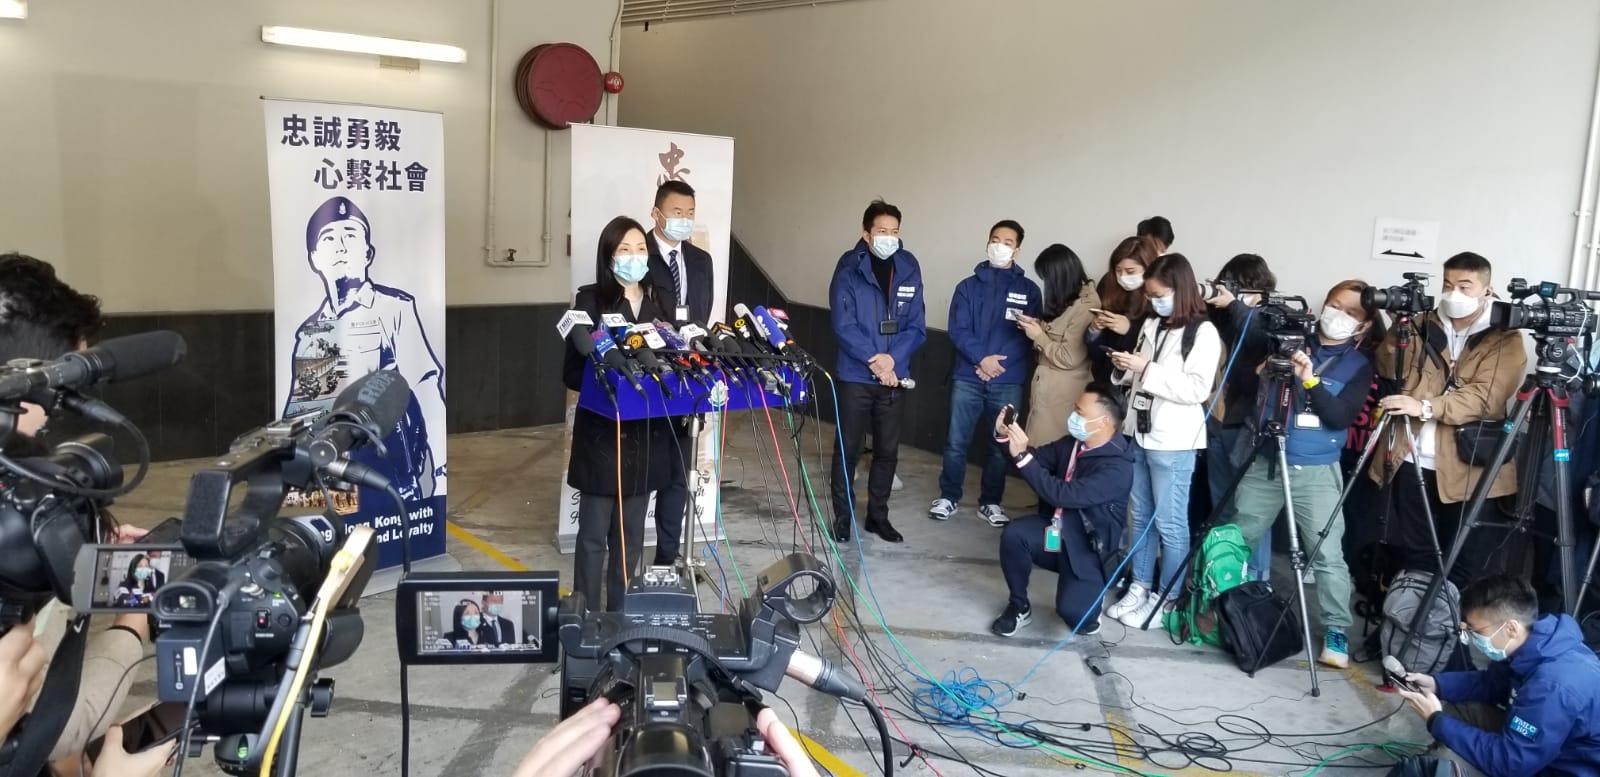 香港警方周三中午12時見記者交代,接收廖子文及黃臨福事宜,表示不排除對二人加控罪行。(鄧穎韜攝)